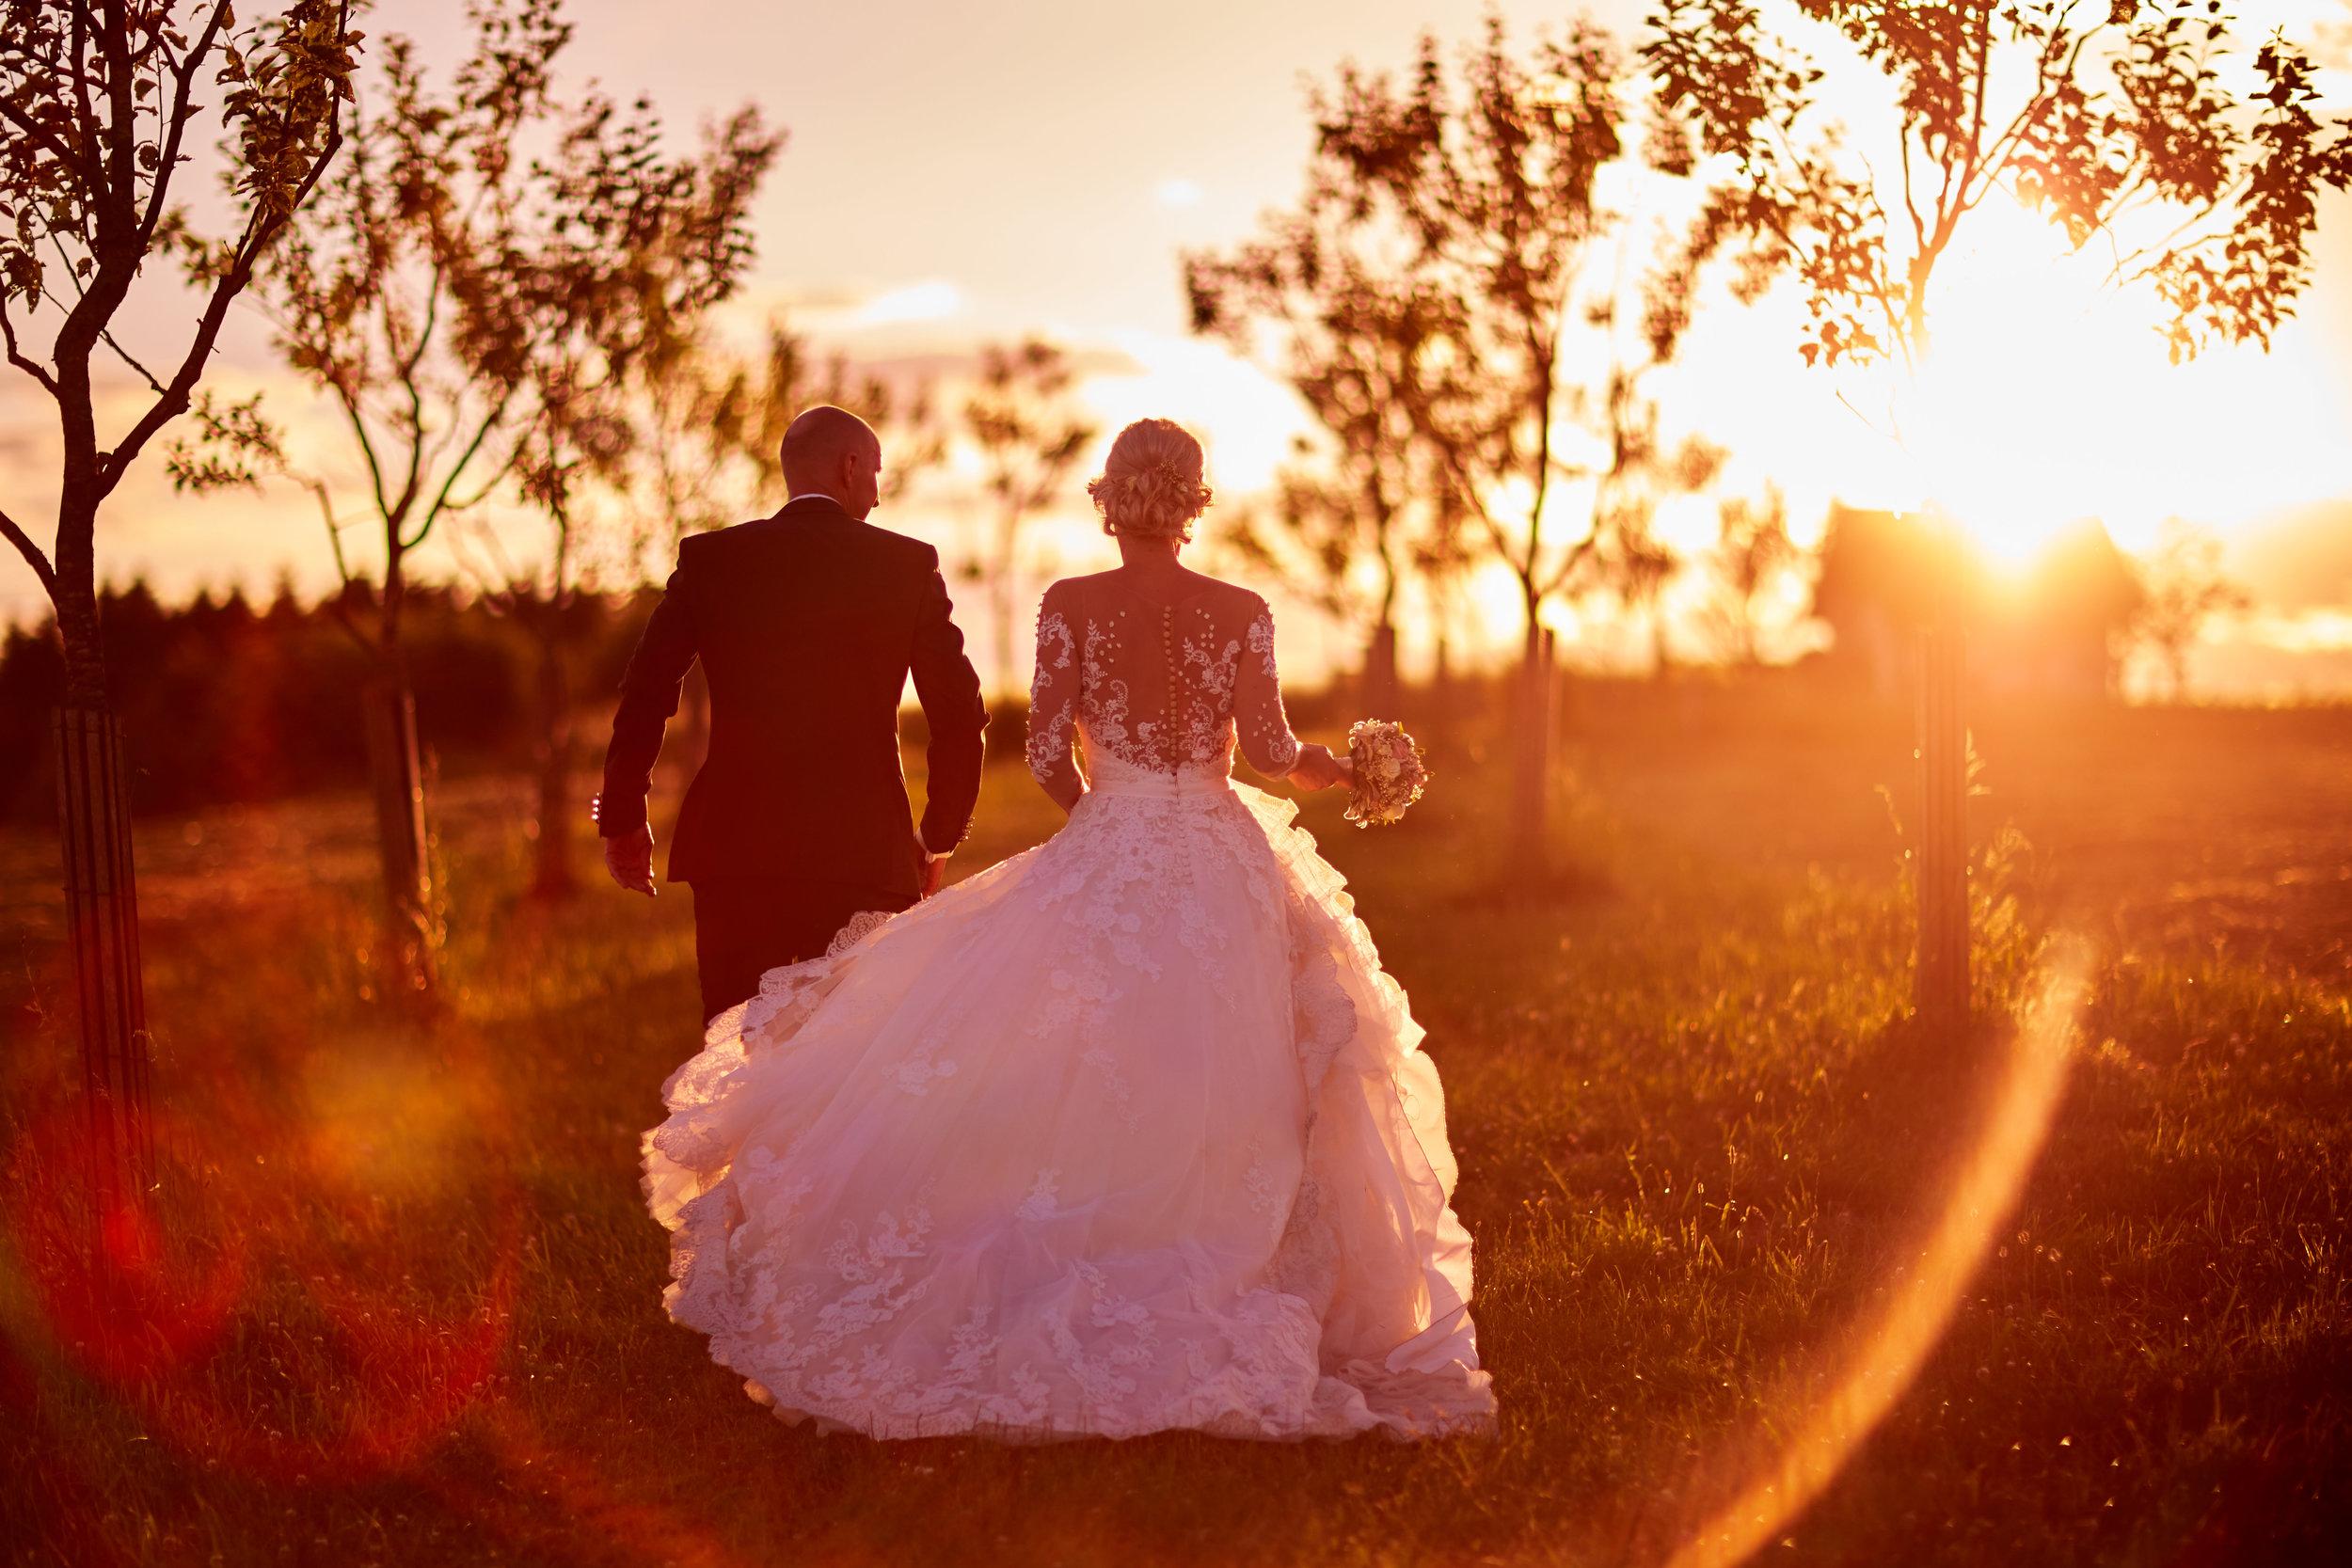 Hochzeitsfotografie mit Gegenlicht bei der Hoamat in Haibach